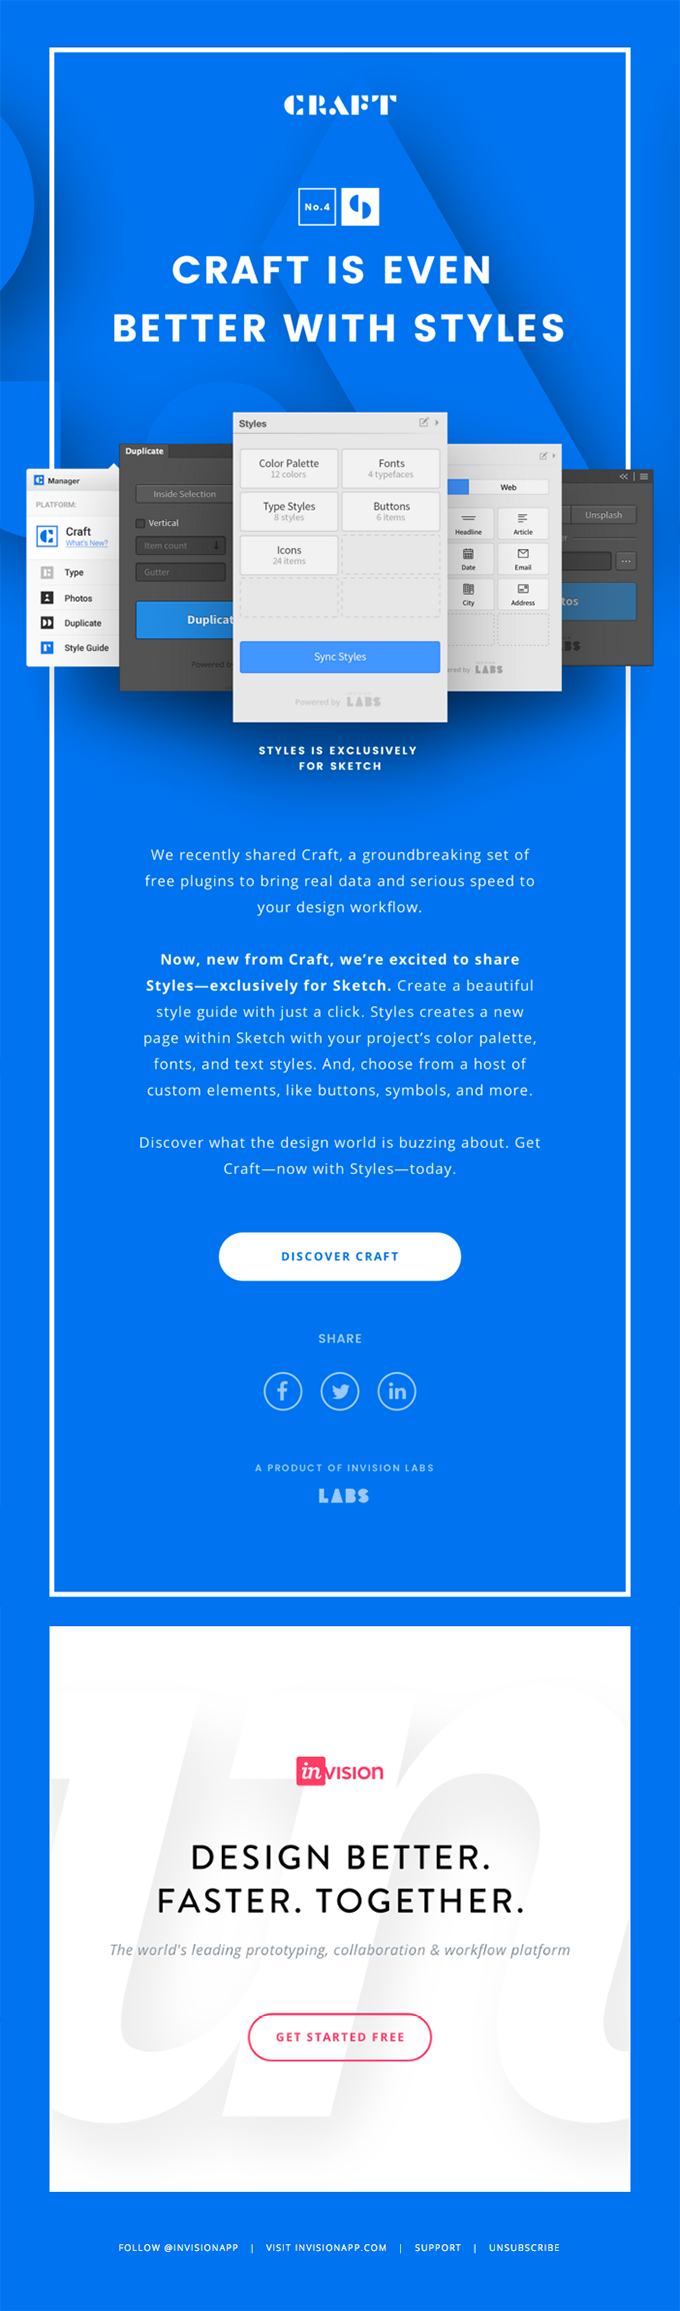 HubSpot-Craft-Newsletter